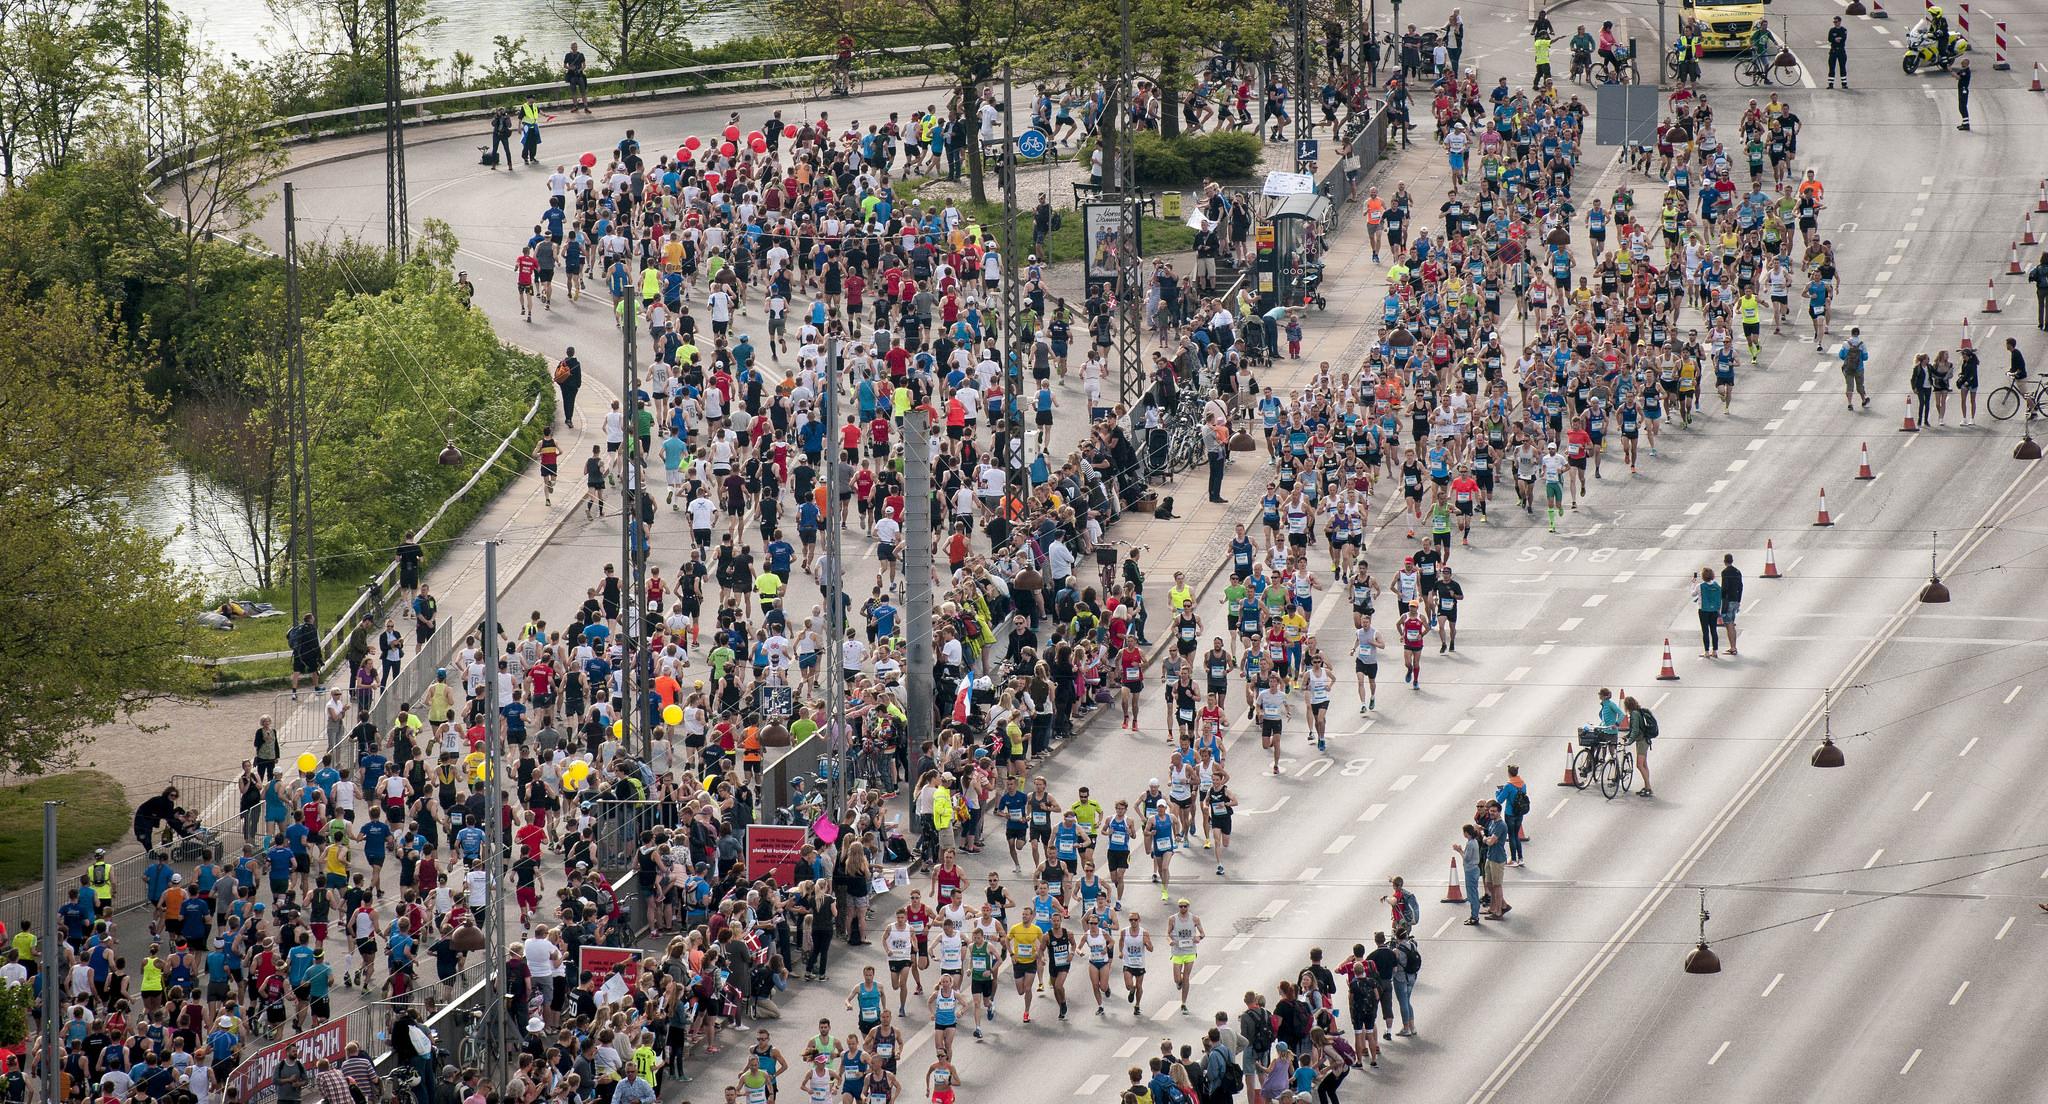 Et imponerende syn at se mange løbetosser samlet! Foto: Copenhagen Marathon/Sparta